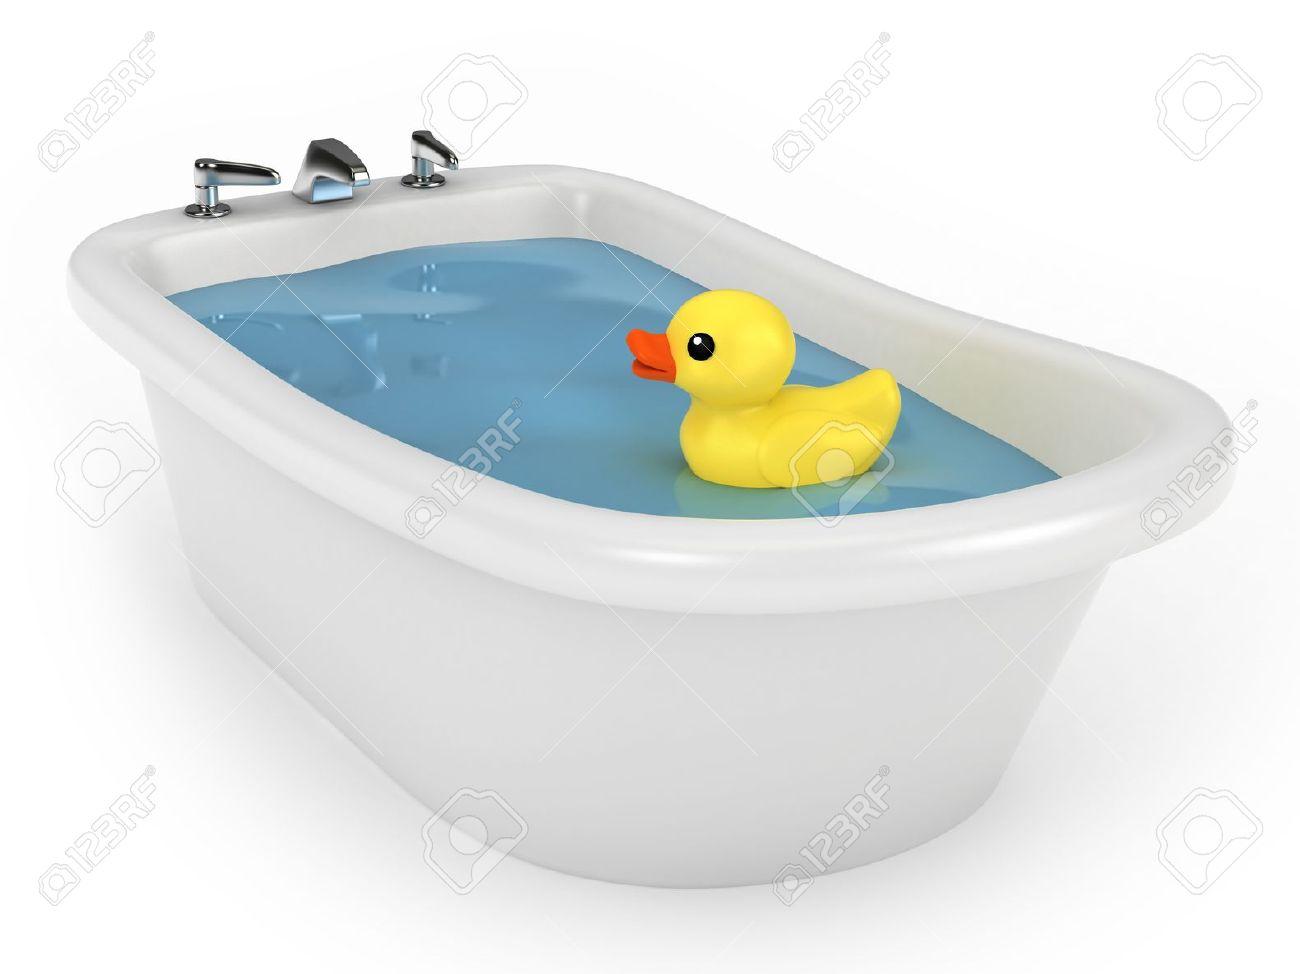 baby bathtub clipart clipground bath clipart free bath clipart free